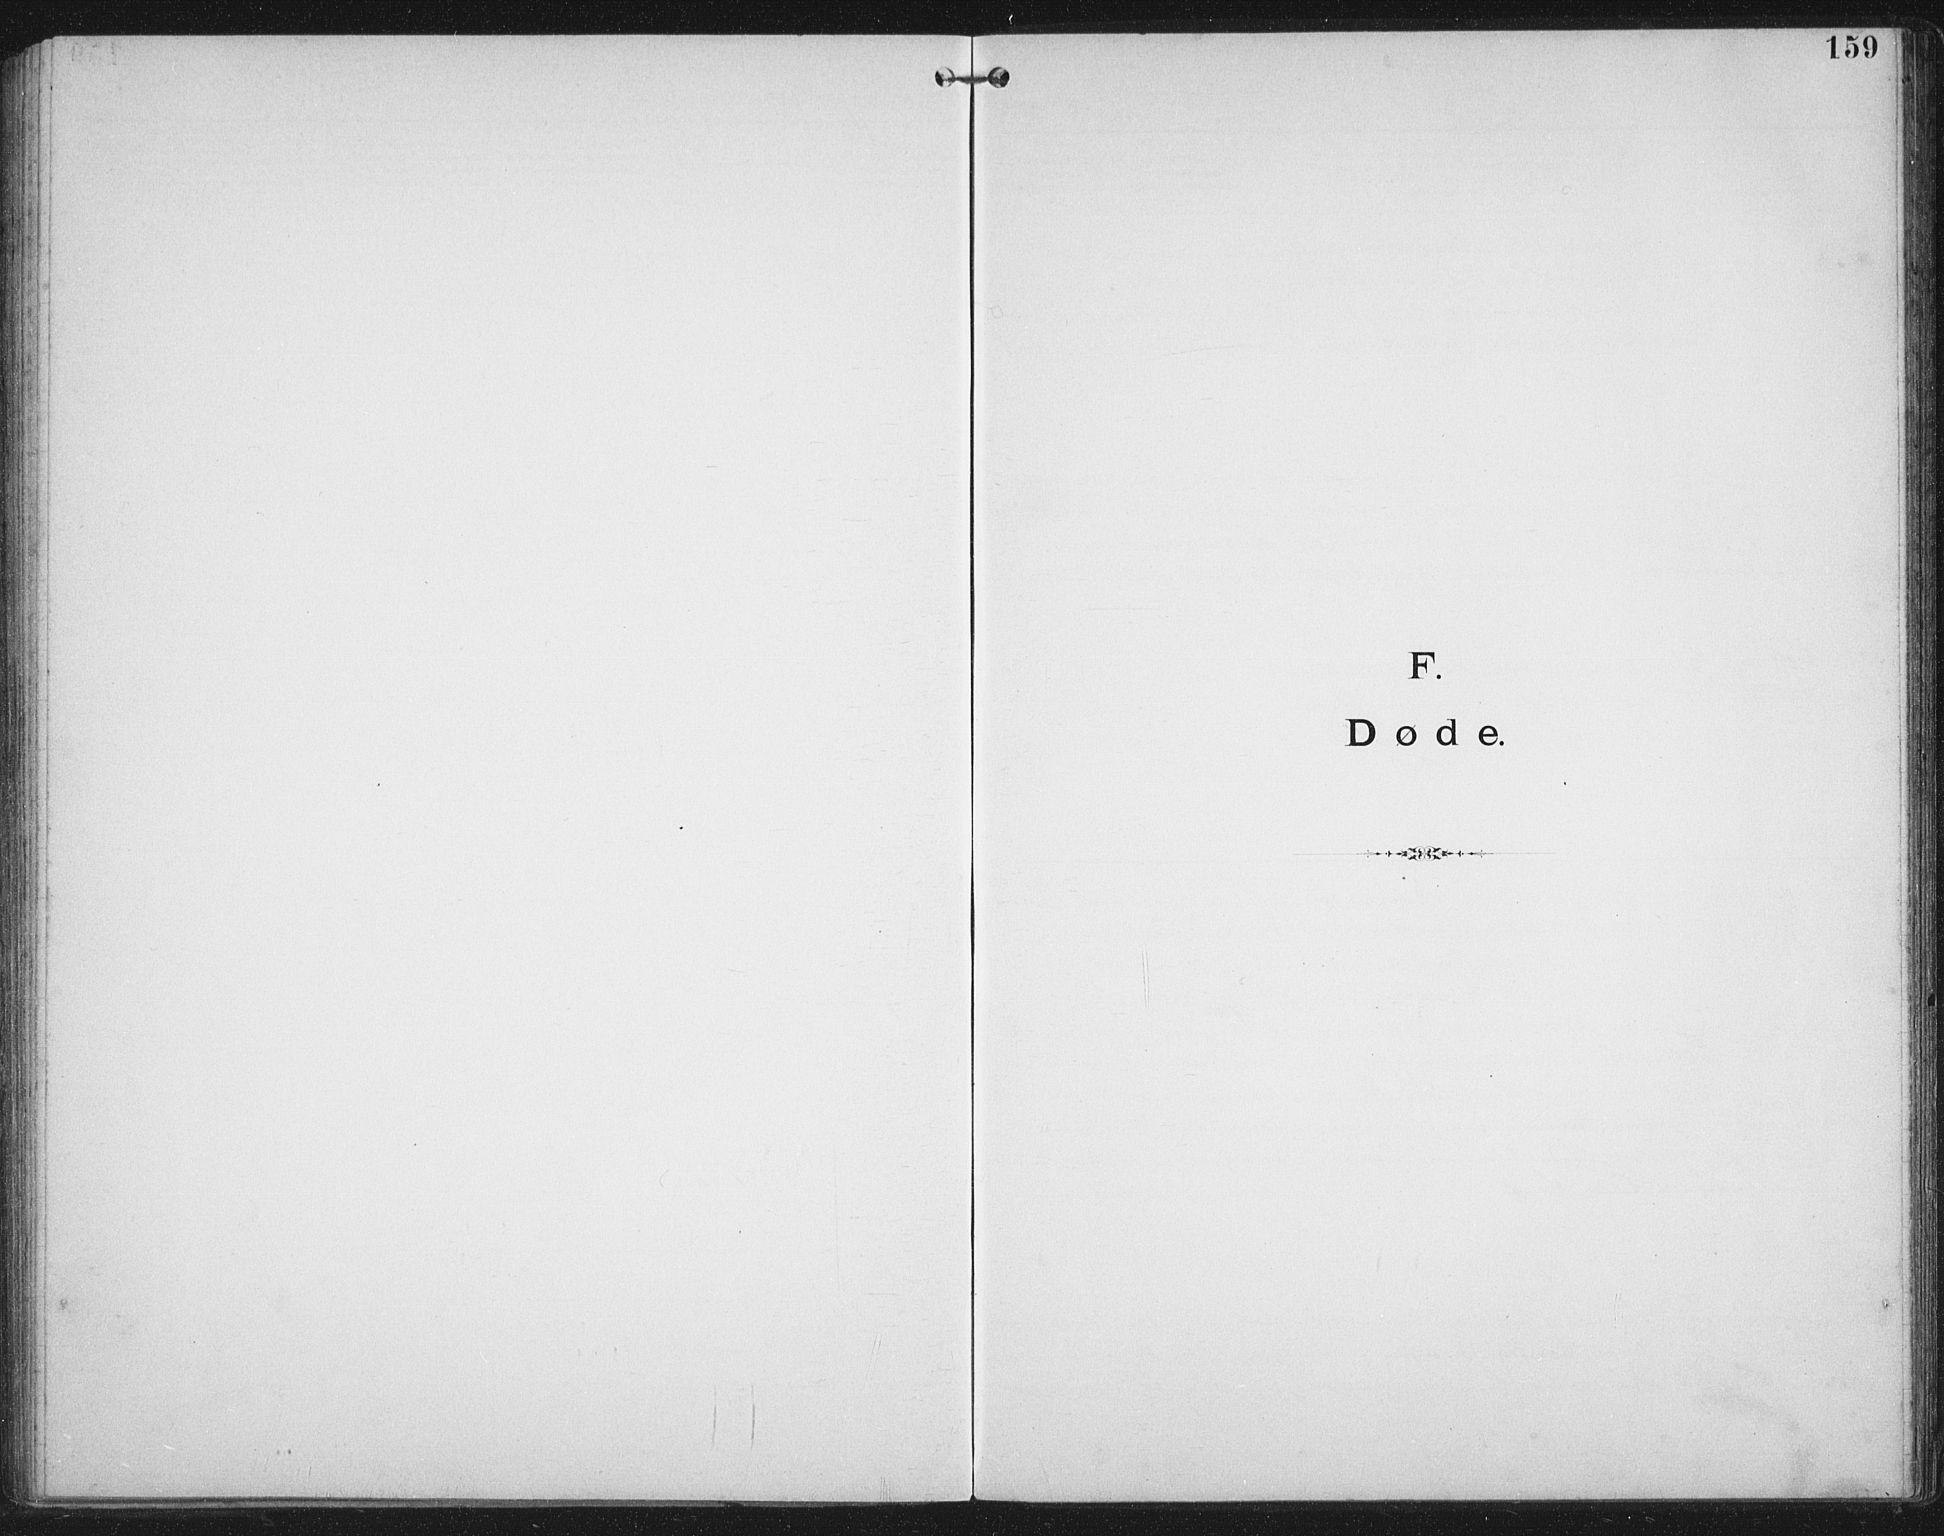 SAT, Ministerialprotokoller, klokkerbøker og fødselsregistre - Nordland, 881/L1174: Dissenterprotokoll nr. 881D01, 1891-1933, s. 159